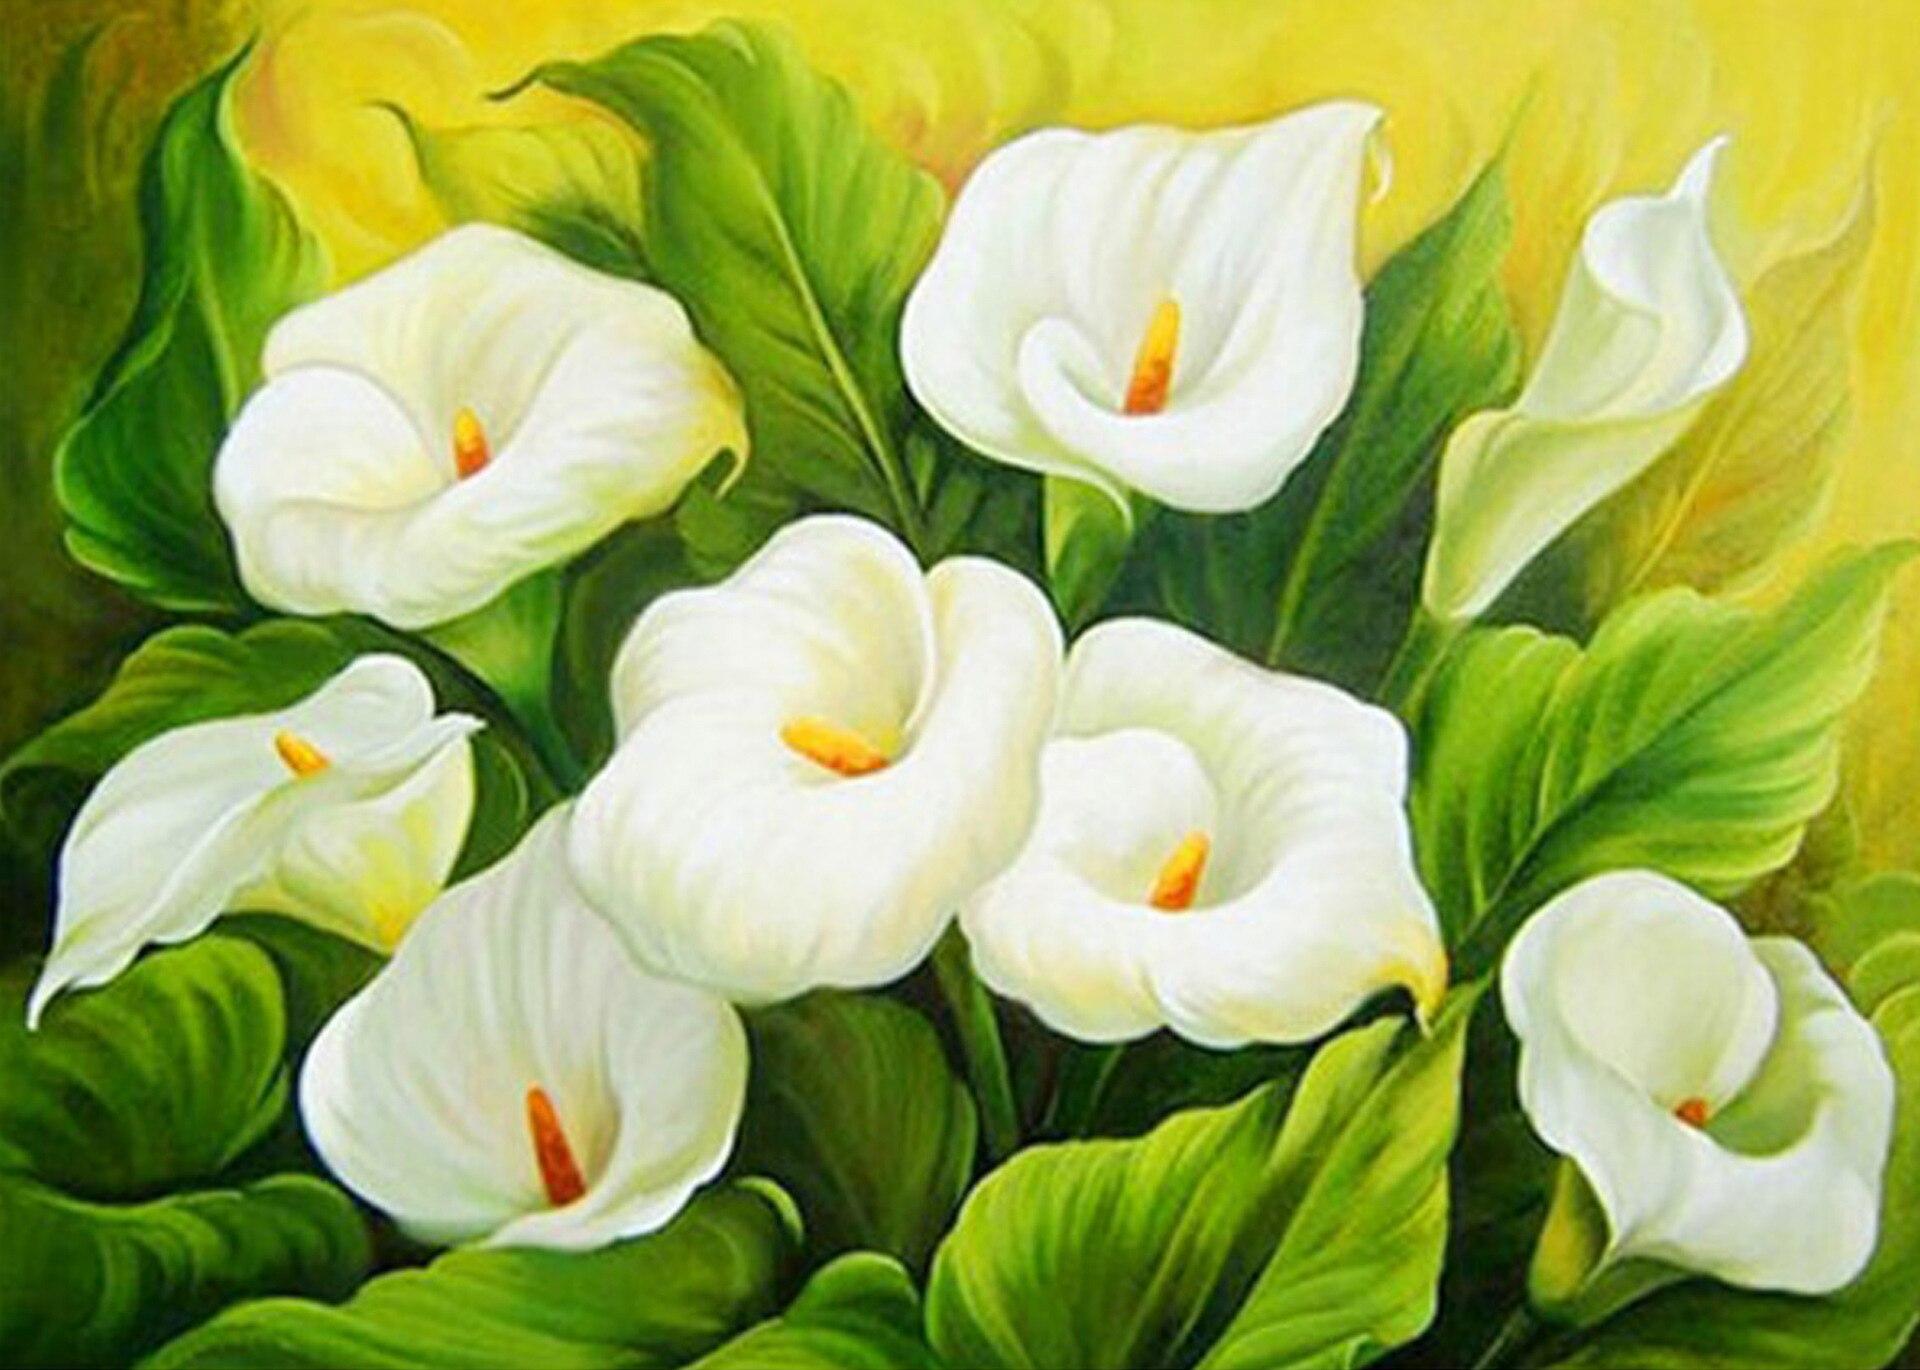 забавные картинка для картины цветы выигрыш гослото